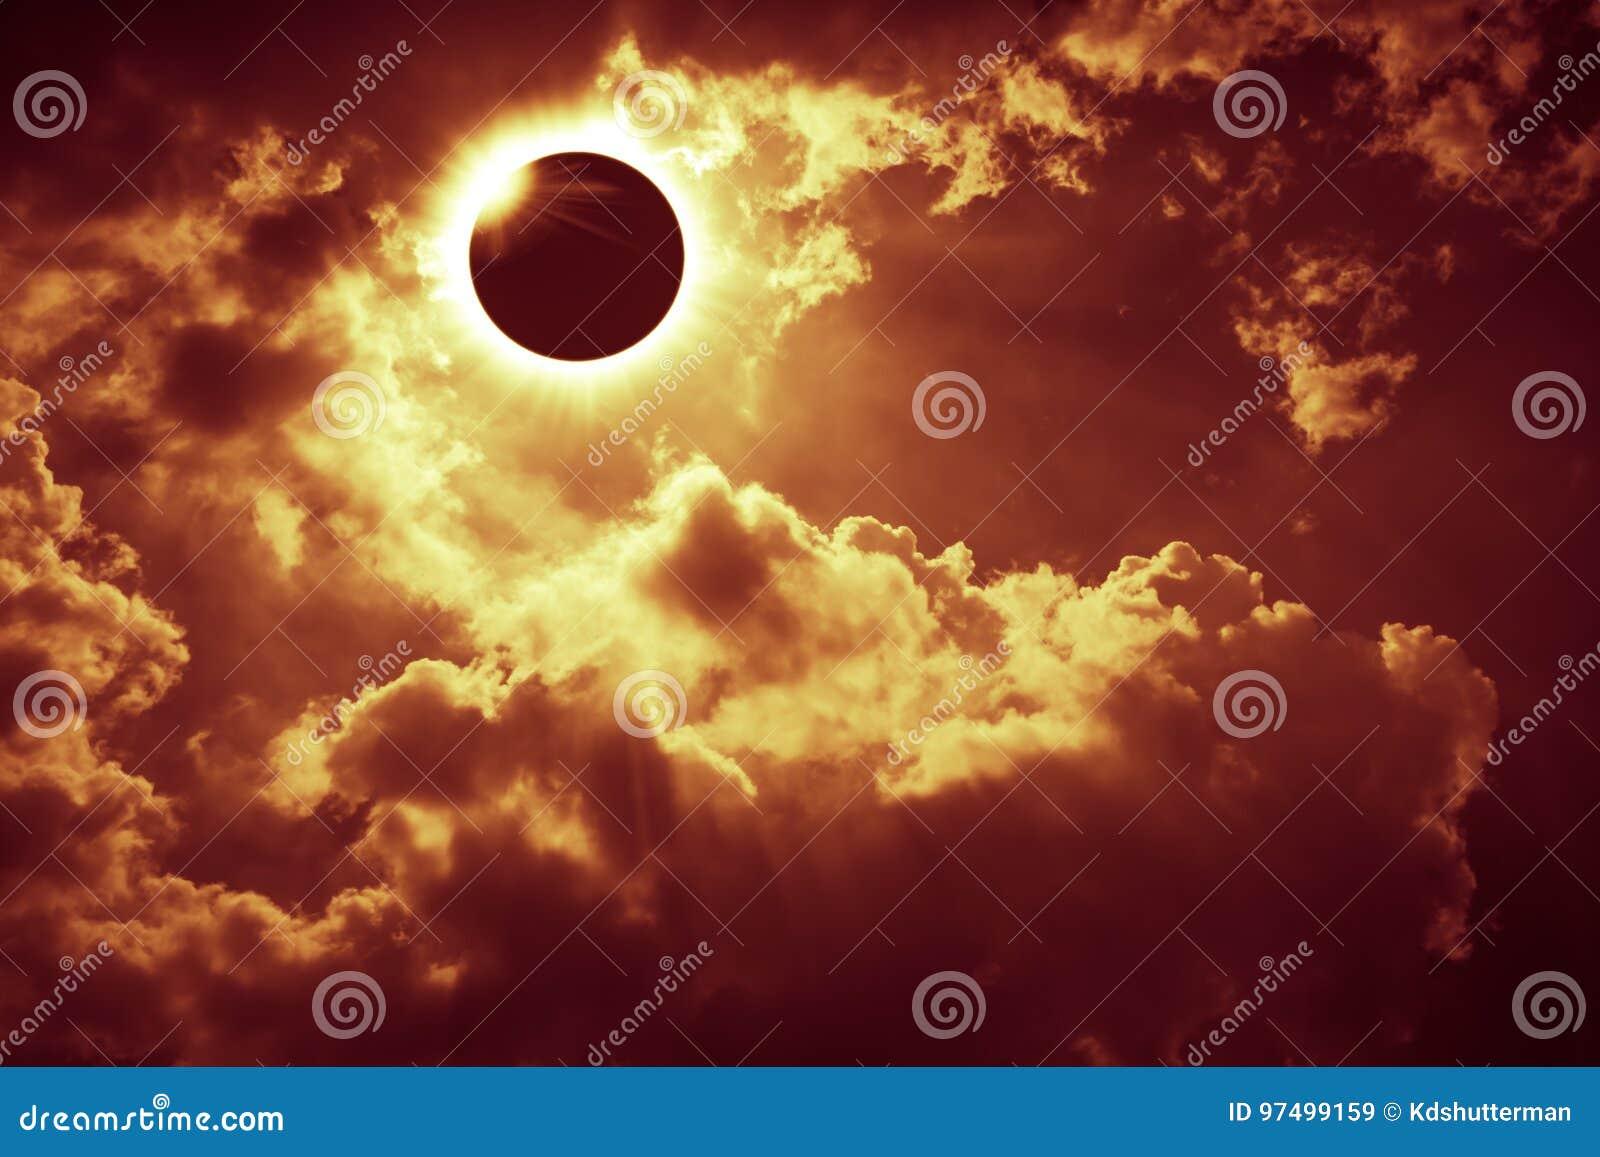 Vetenskapligt naturligt fenomen Sammanlagd sol- förmörkelse med diamanten